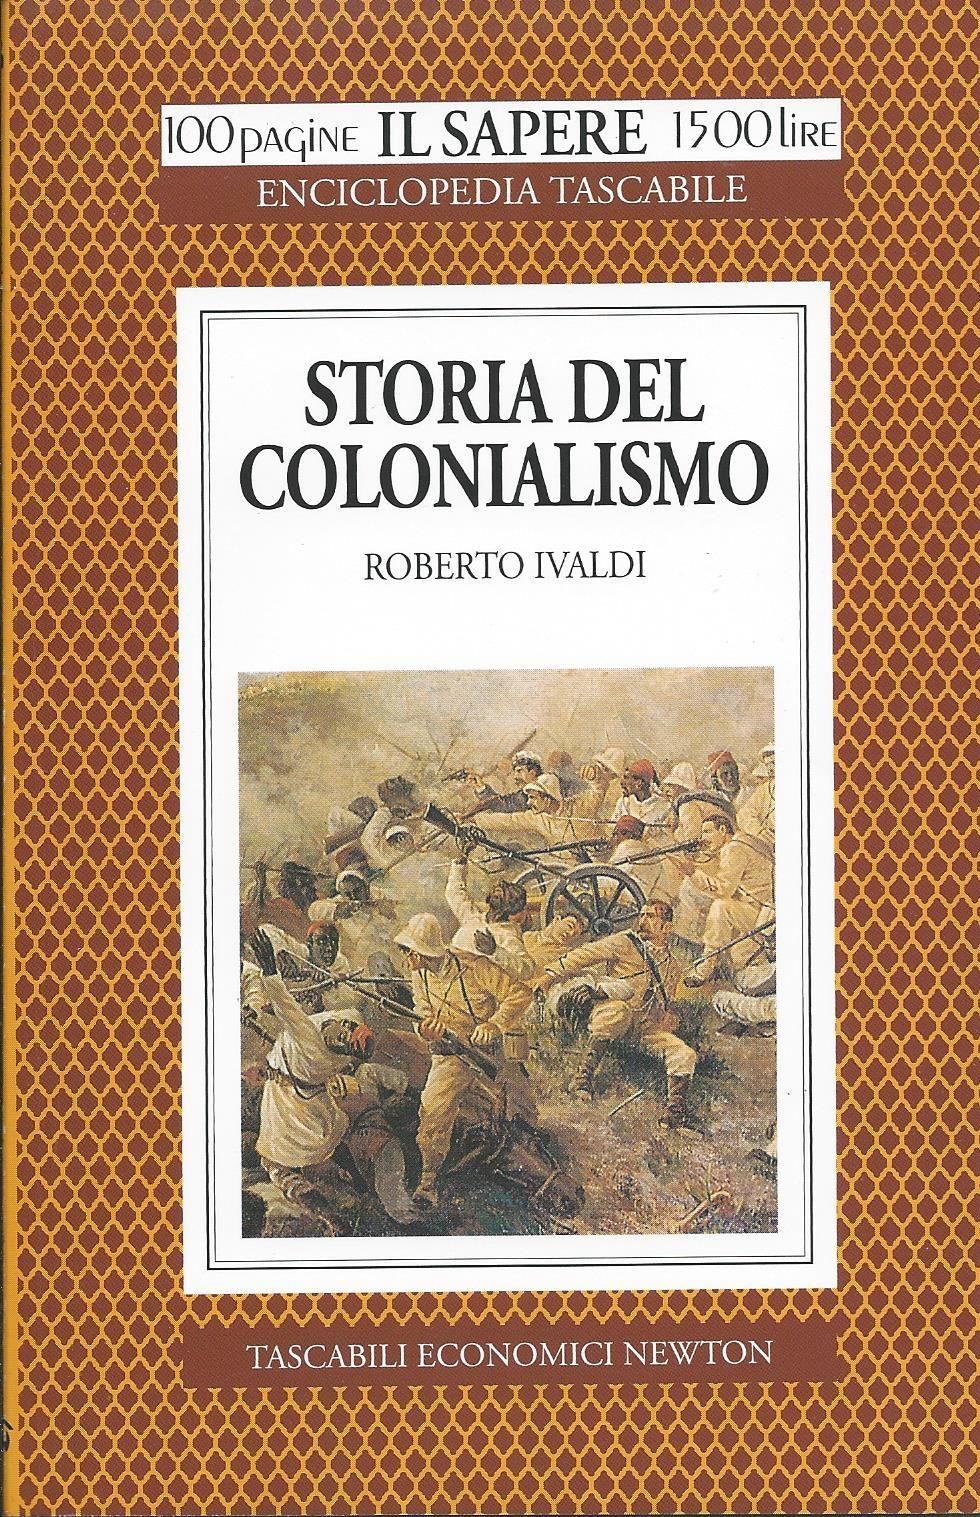 Storia del colonialismo